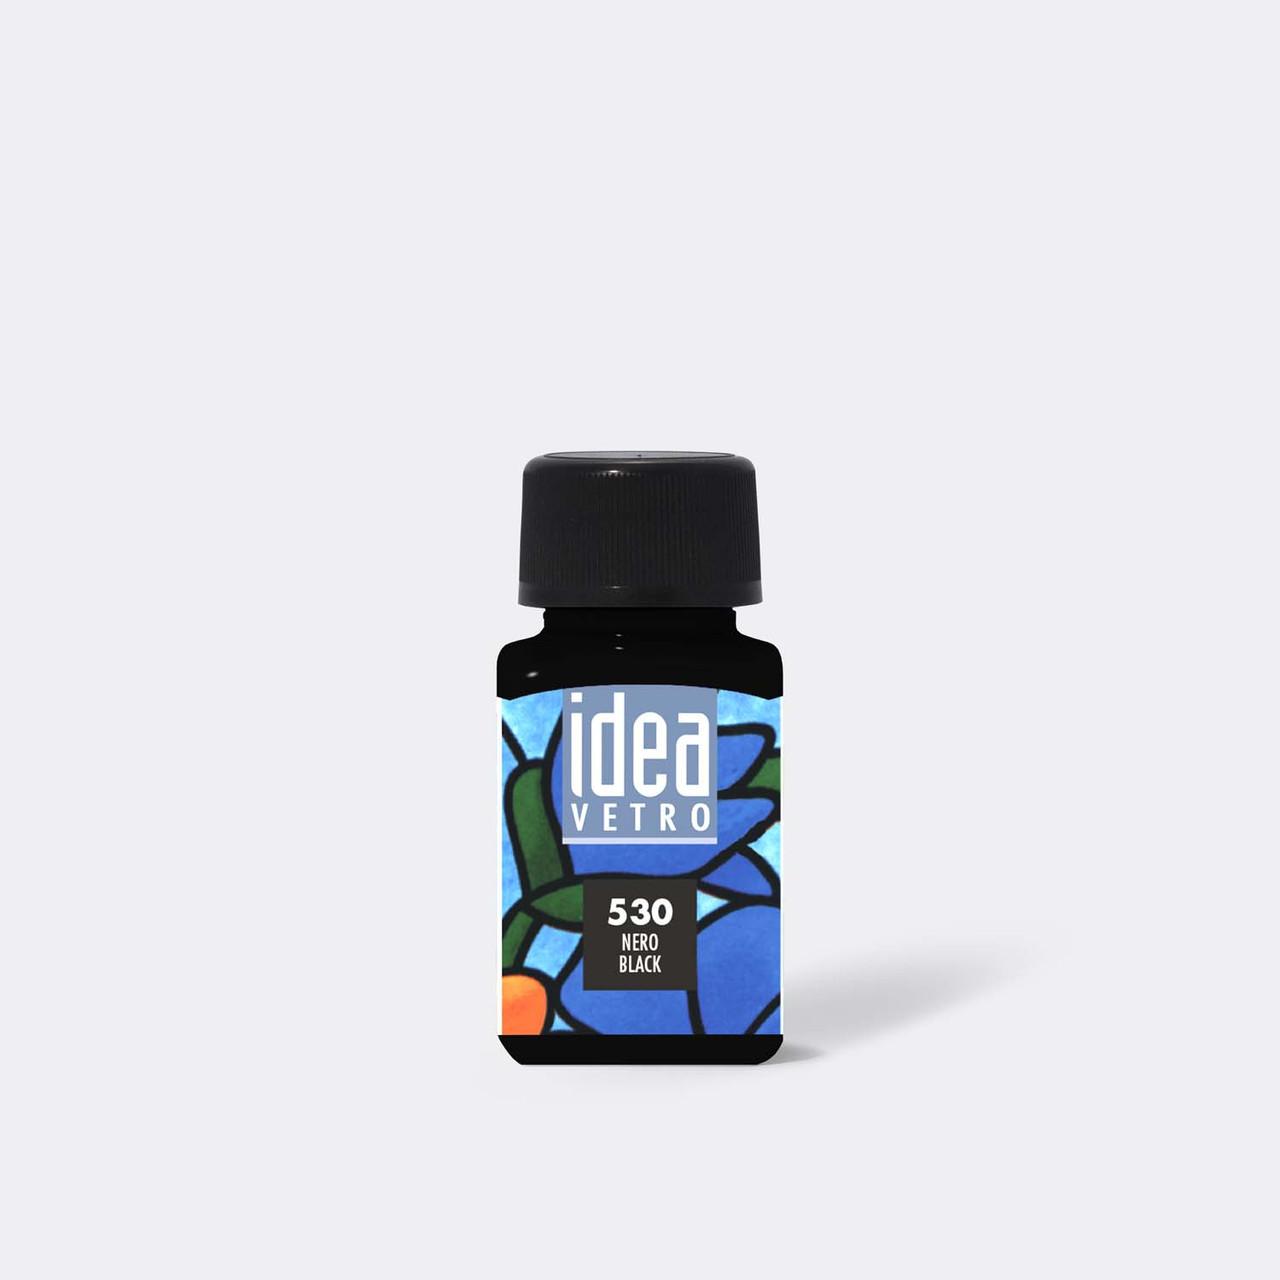 Витражная краска Идея Ветро Idea Vetro 530 черный (60 мл),Maimeri,Италия.